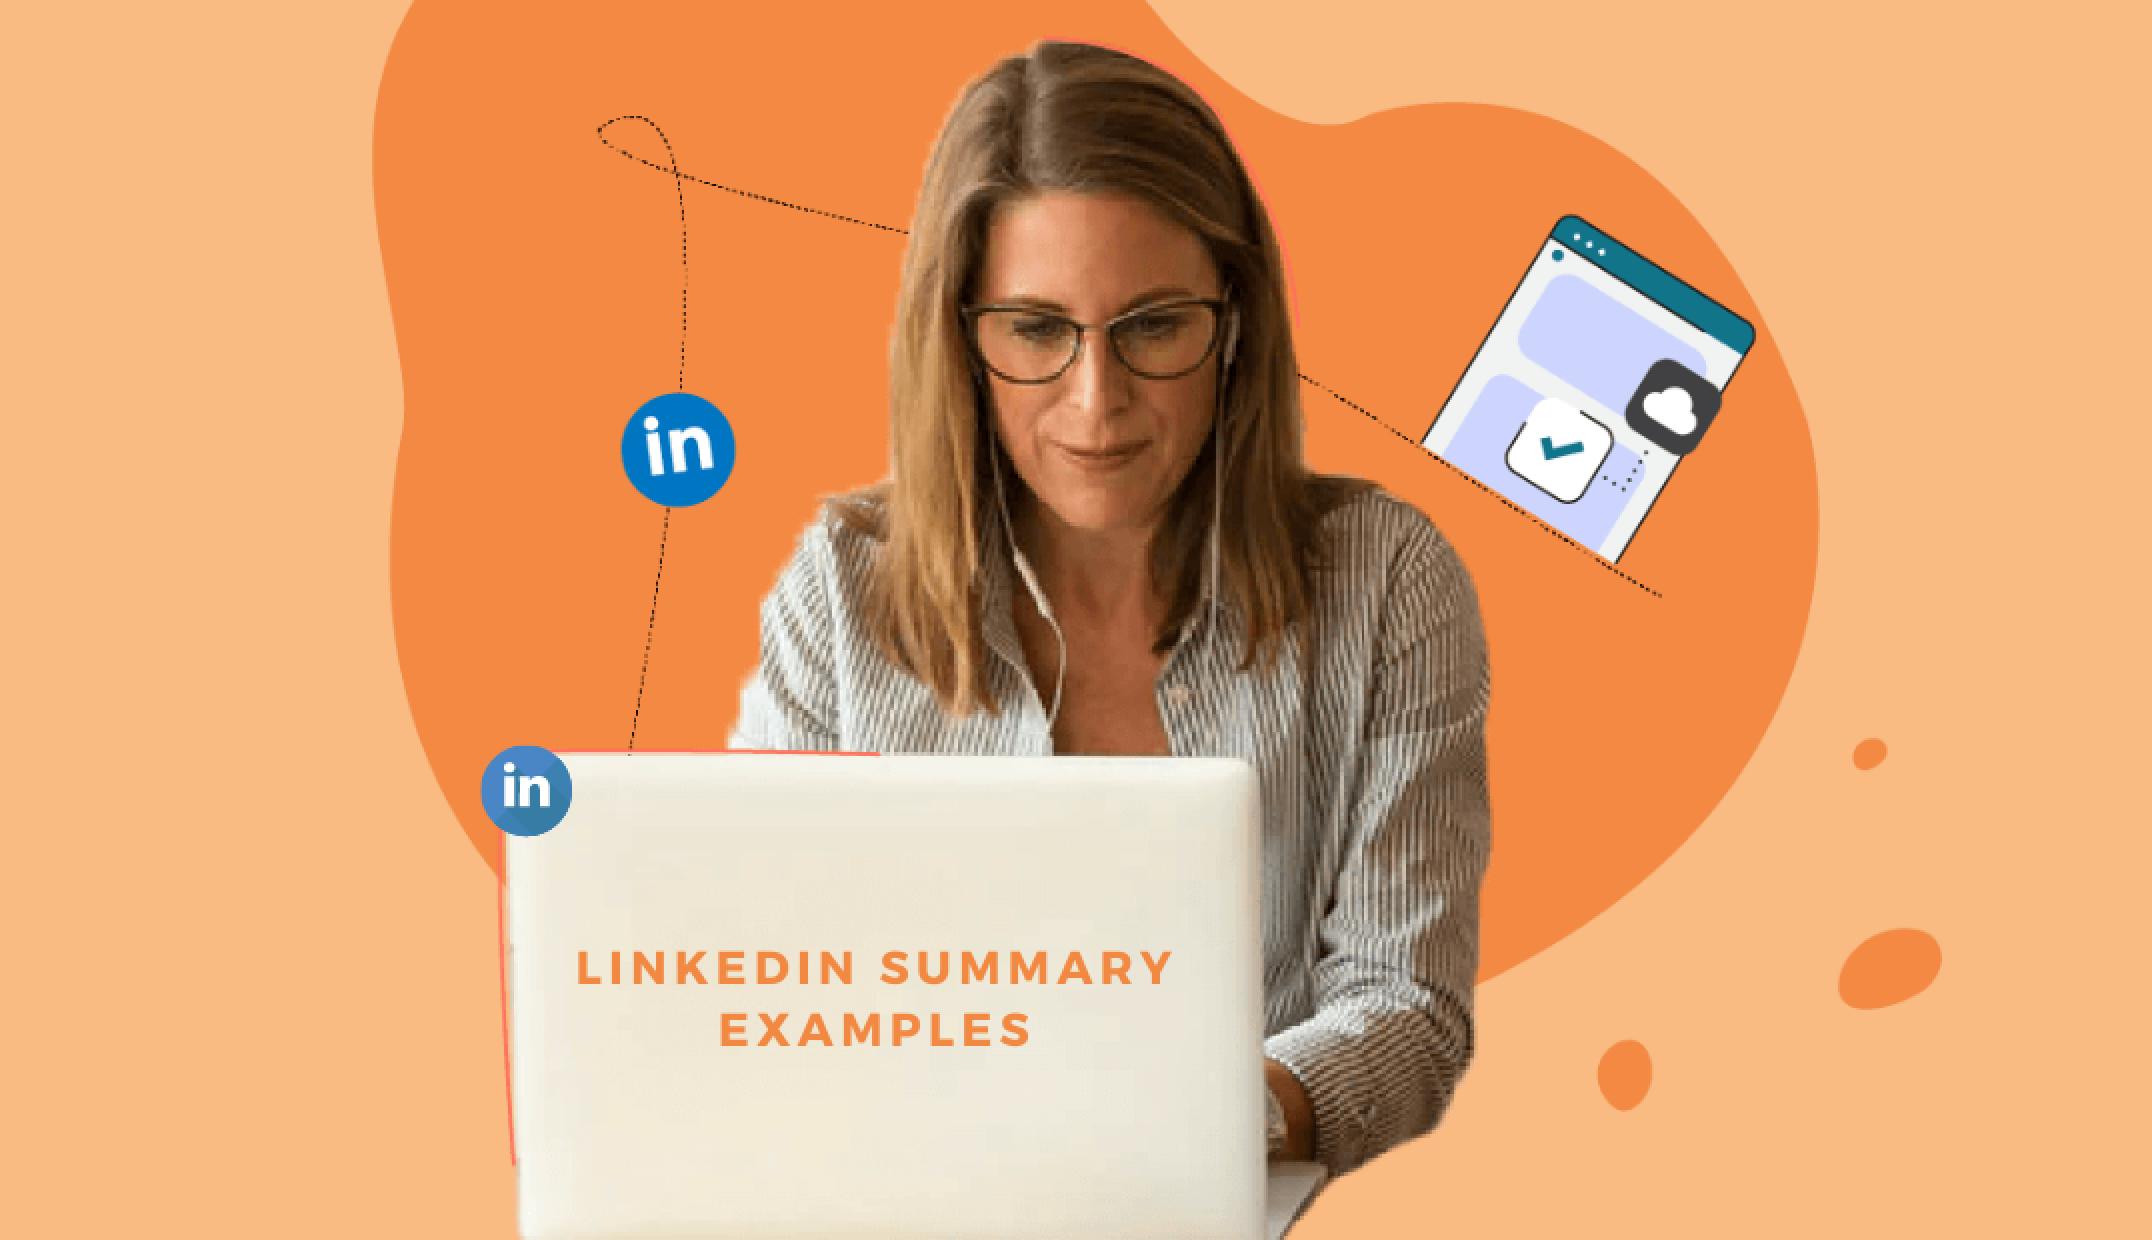 linkedin summary, linkedin summary examples, linkedin summary examples on Skillhub